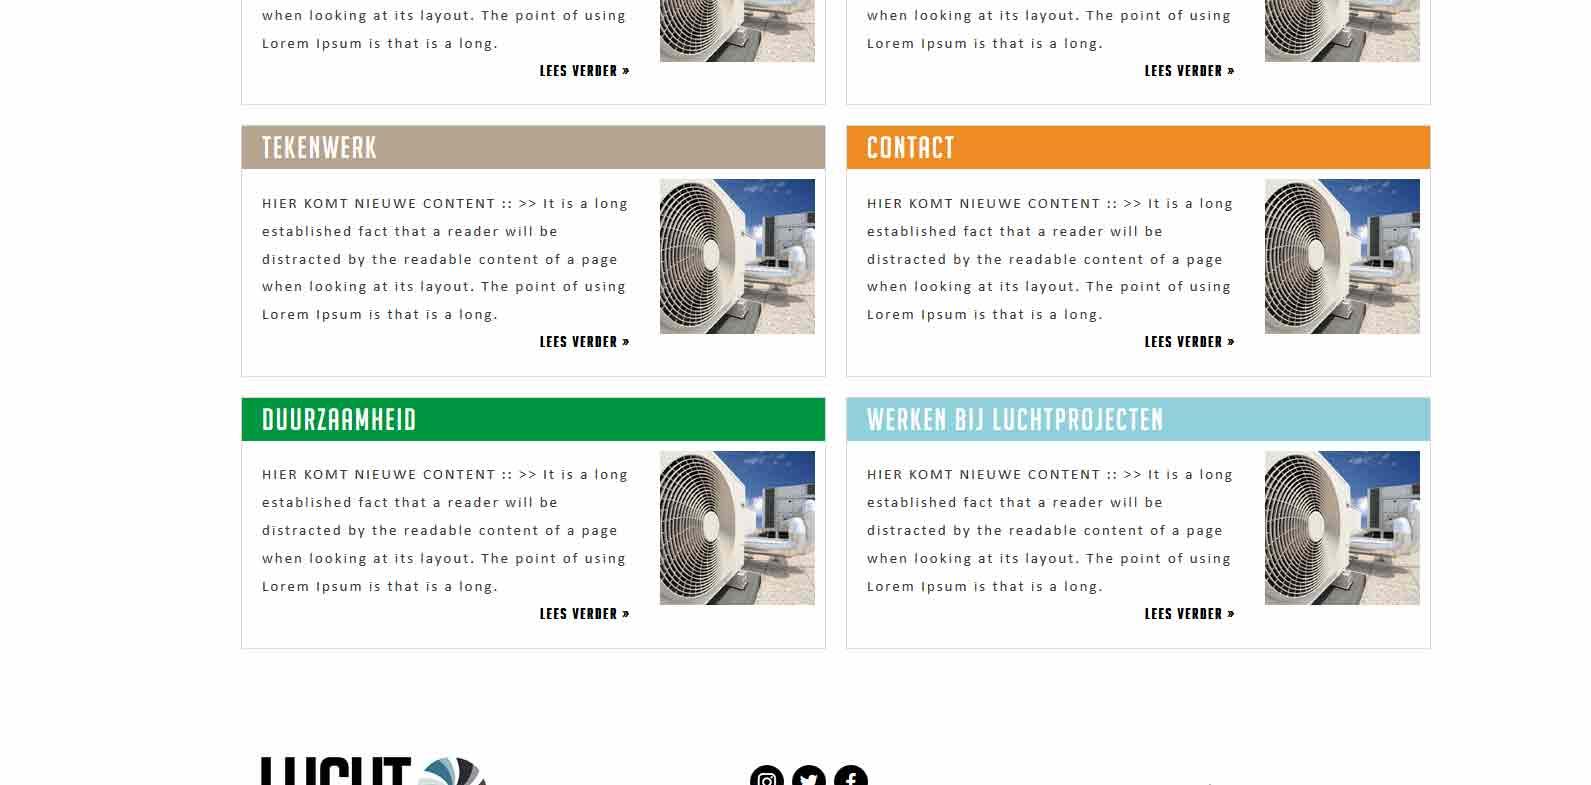 Bedrijf gespecialiseerd in ventilatieoplossingen (soon)